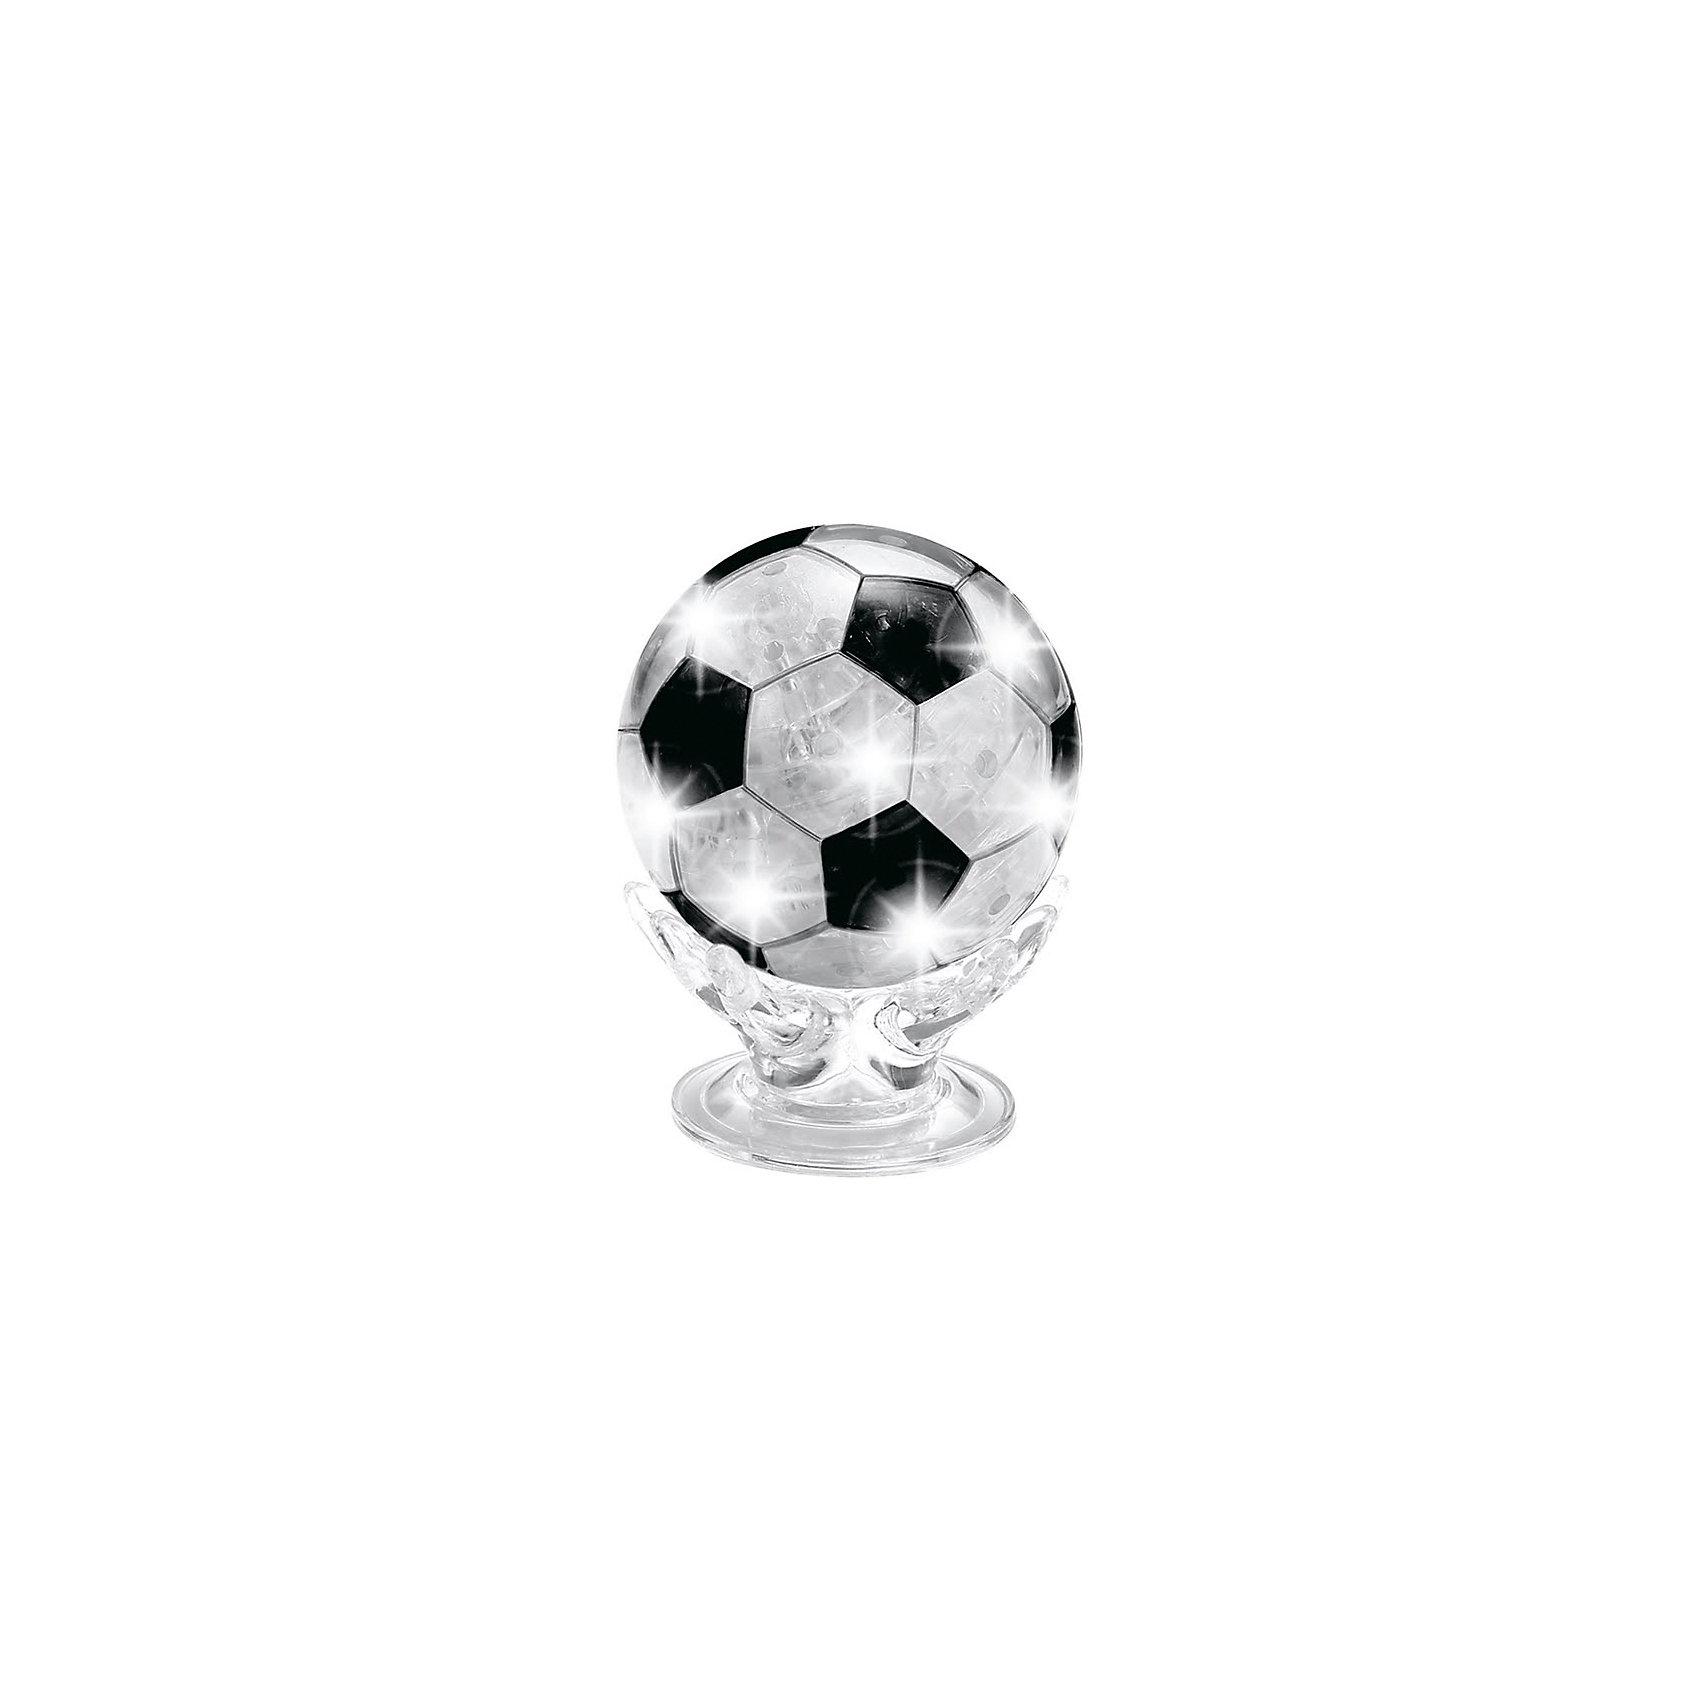 Кристаллический пазл 3D Футбольный Мяч, CreativeStudio3D пазлы<br>Кристаллический пазл 3D Футбольный Мяч, CreativeStudio - уникальный набор для творчества, который будет интересен не только детям но и взрослым. С помощью входящих в набор трехмерных деталей из полупрозрачного пластика Вы сможете своими руками собрать необычный сувенир - модель настоящего футбольного мяча. Для ускорения процесса сборки можно воспользоваться инструкцией, где для каждой детали указан свой номер. В комплект также входит дополнительная подставка со светодиодом, которая превратит фигурку в оригинальный элегантный светильник. Сборка пазла развивает у ребенка логическое мышление, воображение, усидчивость и аккуратность, тренирует мелкую моторику рук.<br><br>Дополнительная информация:<br><br>- В комплекте: 77 деталей 3d, светодиодный блок, инструкция.<br>- Материал: пластик.<br>- Размер упаковки: 13,5 х 18 х 4 см.<br>- Вес: 137 гр.<br>- Цвет в ассортименте.<br><br>Кристаллический пазл 3D Футбольный Мяч, светильник L, CreativeStudio, можно купить в нашем интернет-магазине.<br><br>Ширина мм: 40<br>Глубина мм: 135<br>Высота мм: 180<br>Вес г: 137<br>Возраст от месяцев: 36<br>Возраст до месяцев: 216<br>Пол: Мужской<br>Возраст: Детский<br>Количество деталей: 77<br>SKU: 4047995